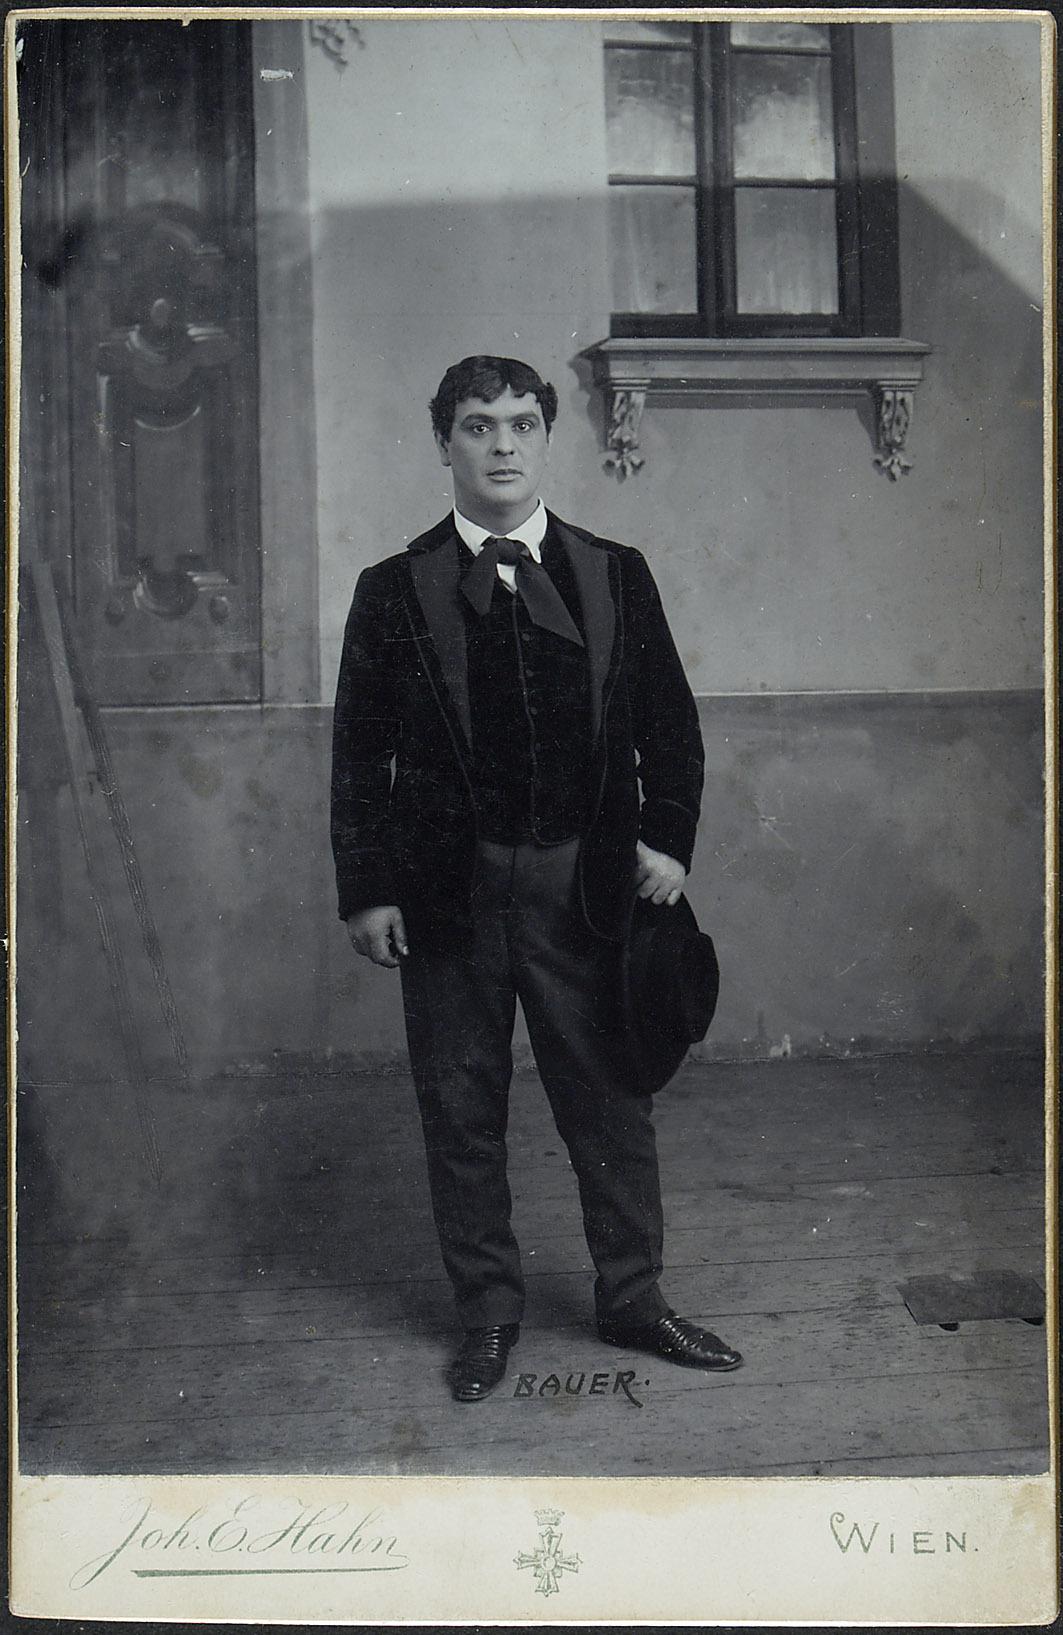 Herr Bauer von Johann E. Hahn, Wien